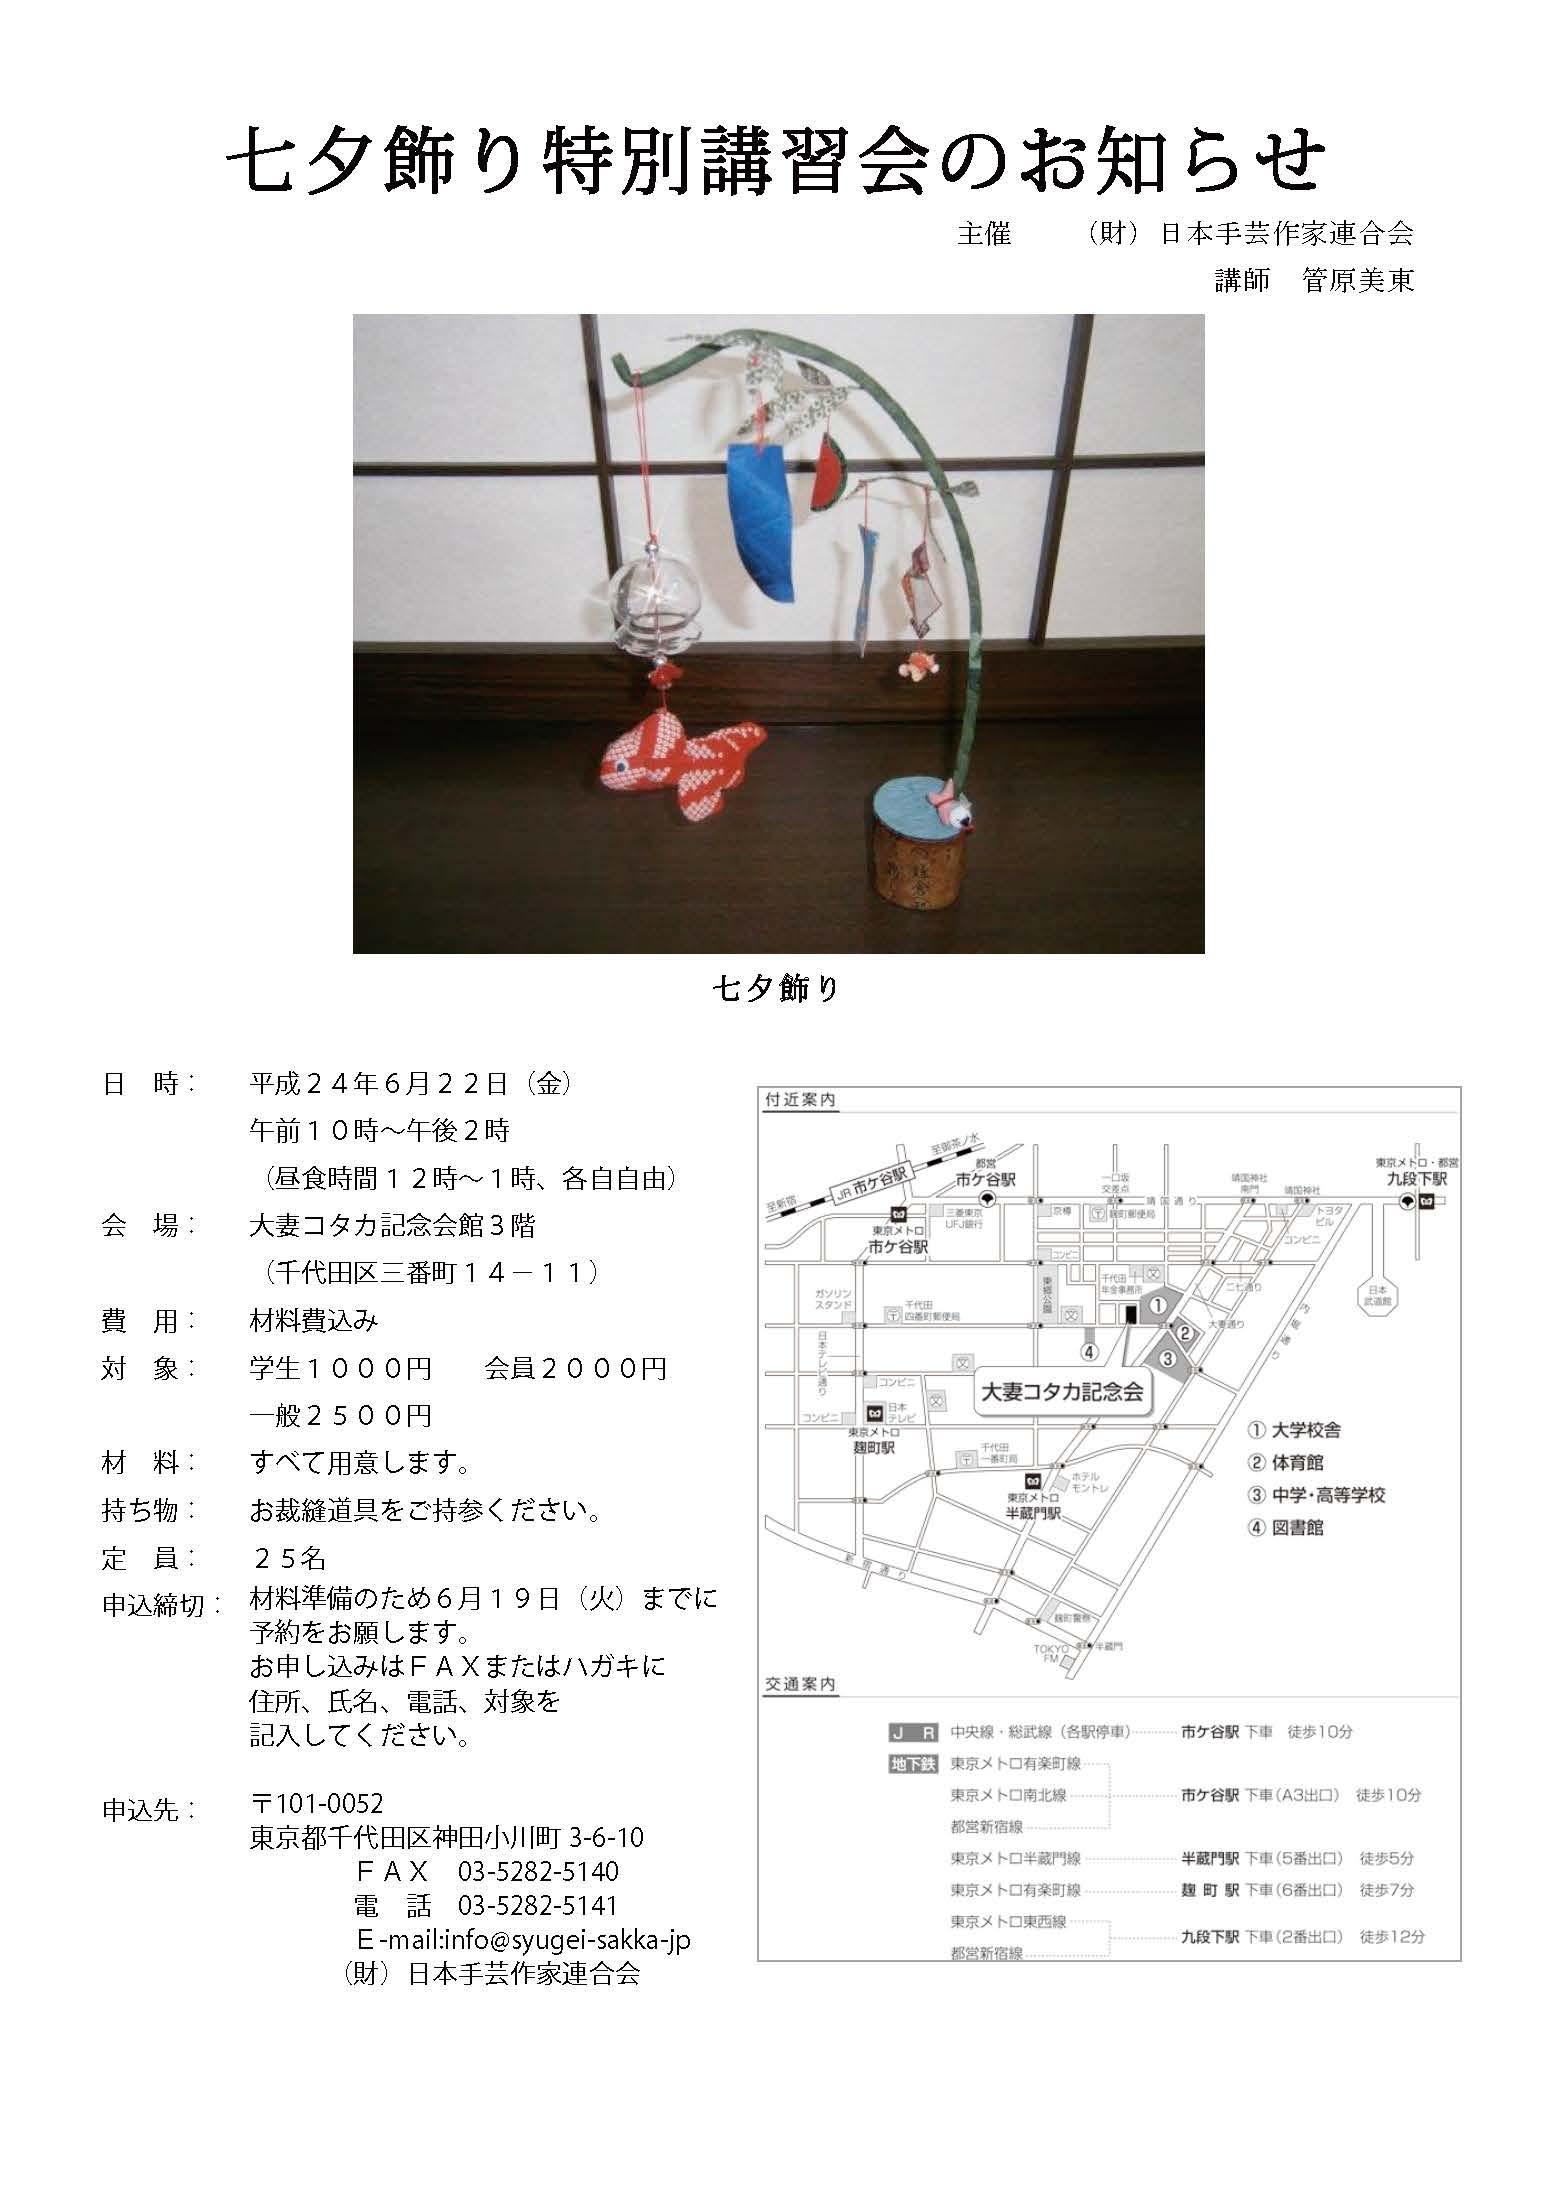 kousyukai-20120622